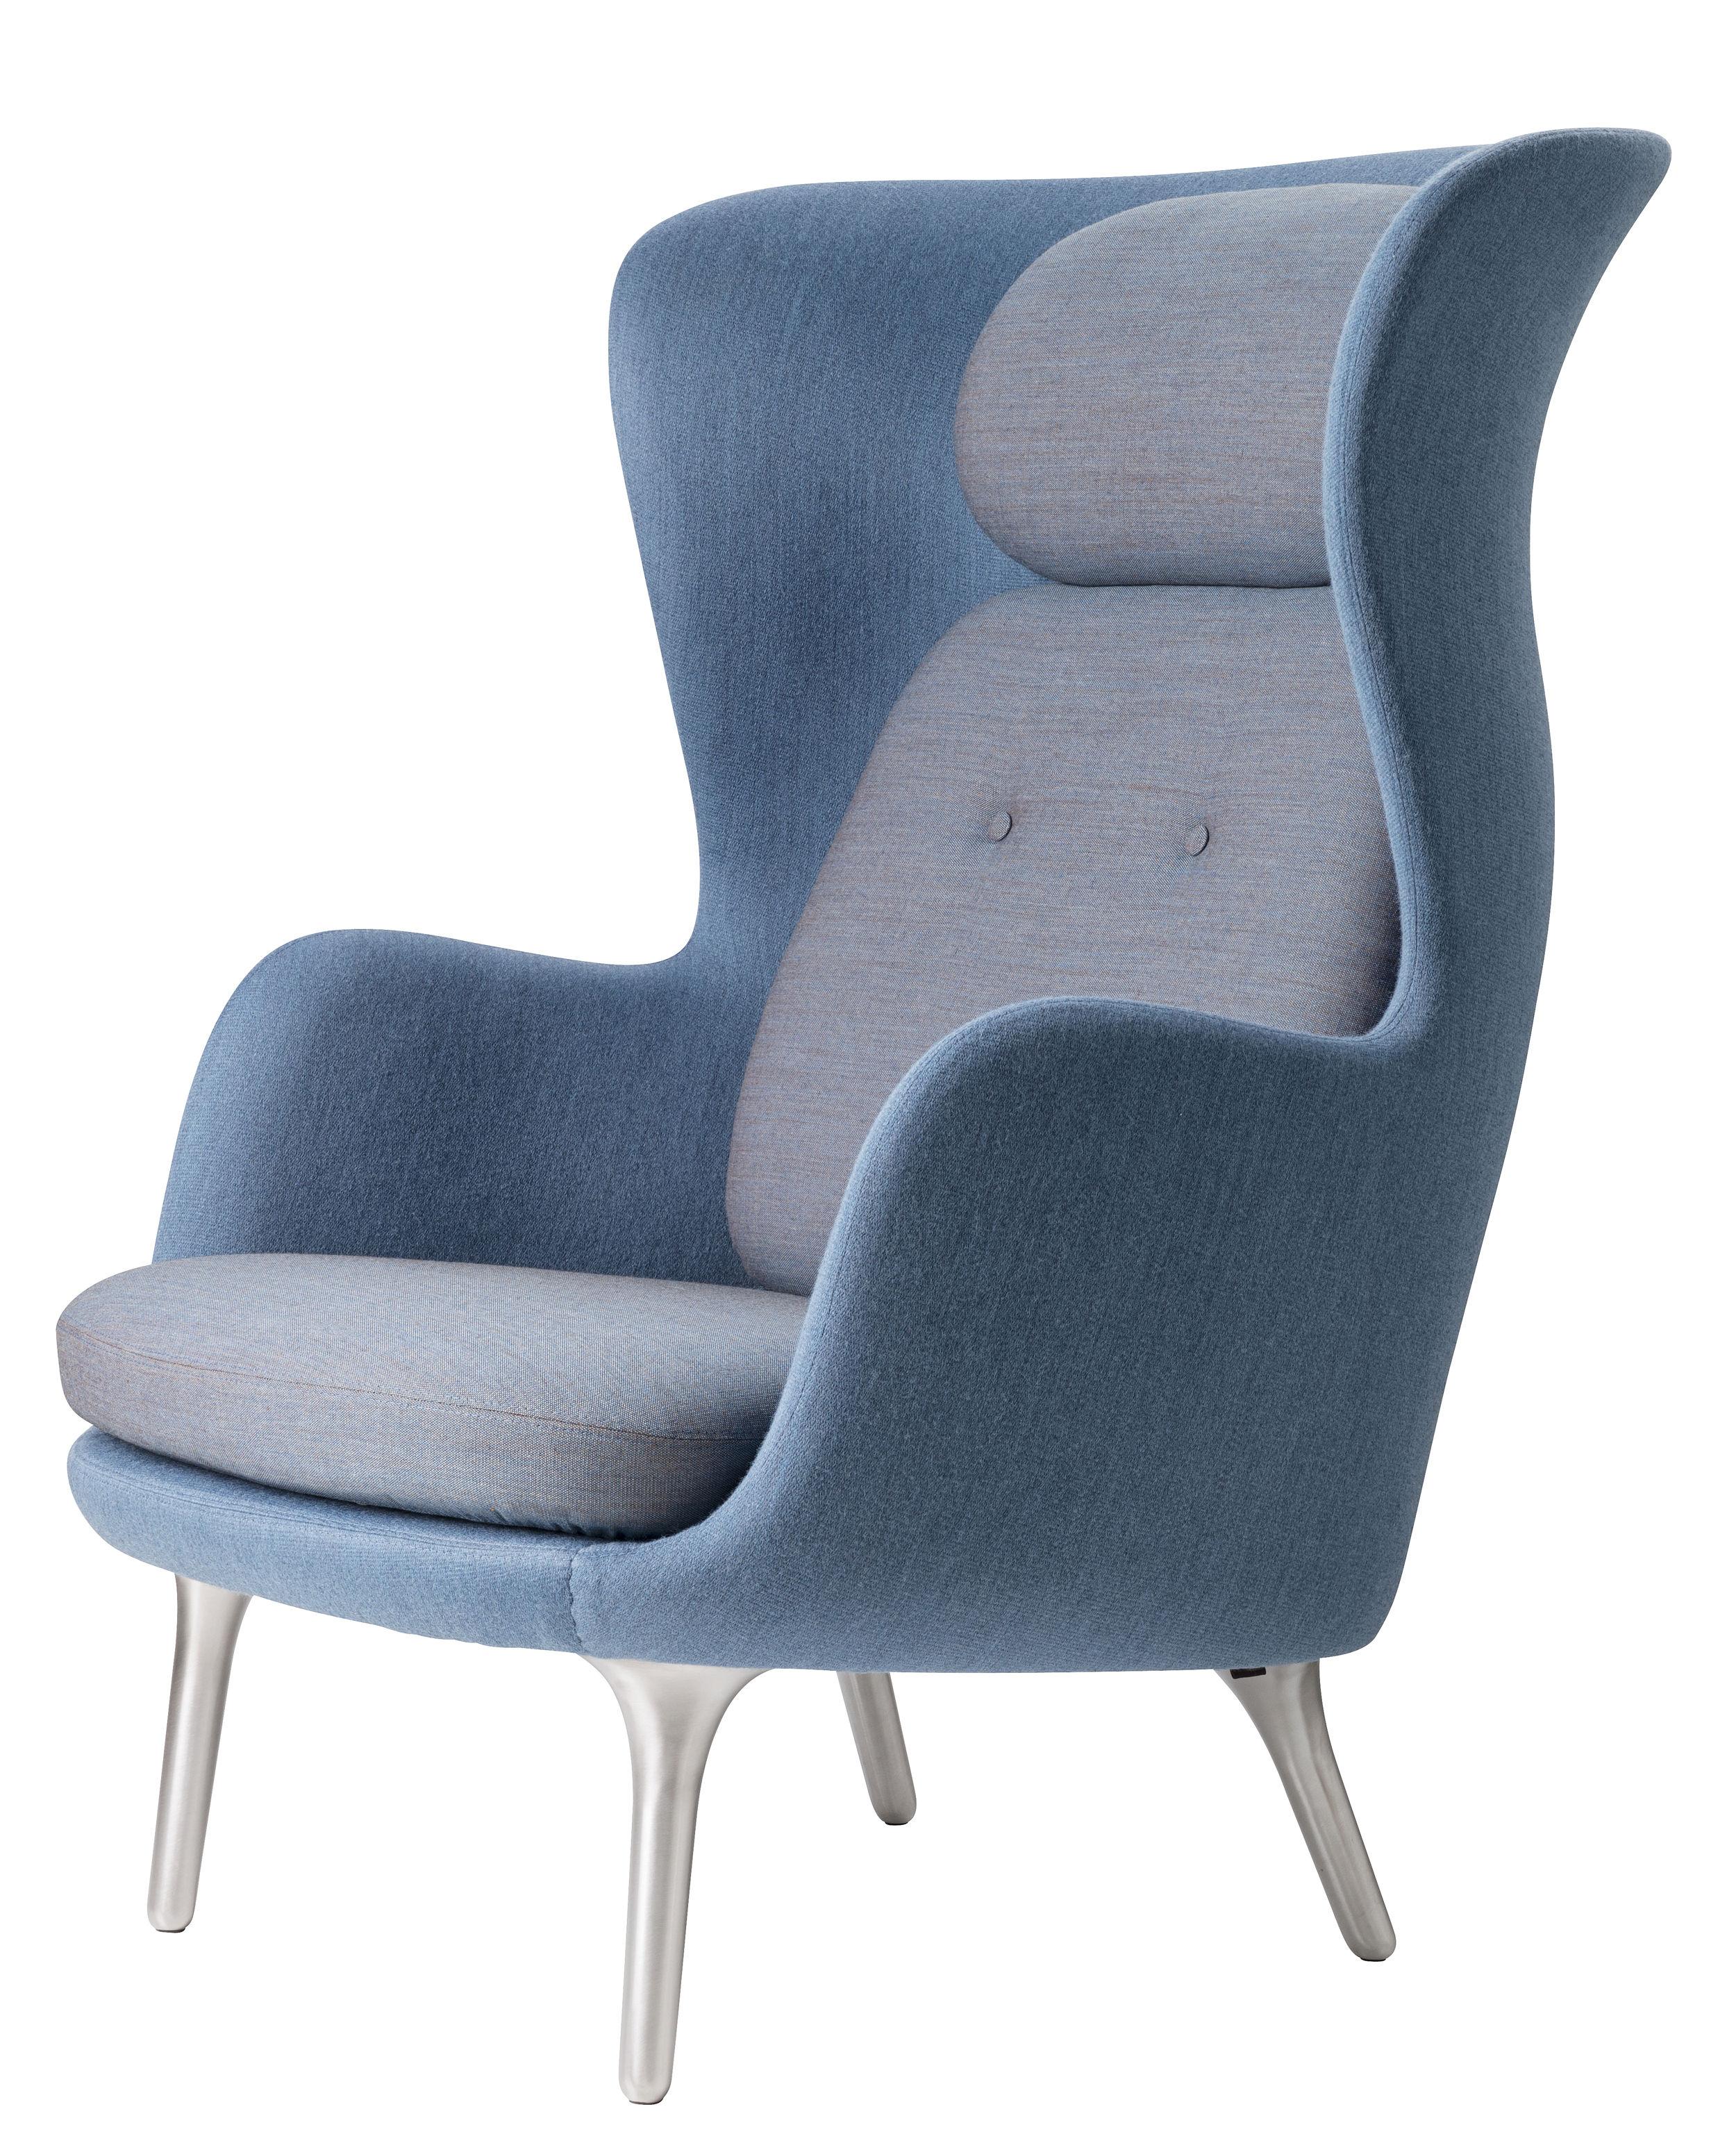 fauteuil rembourr ro tissu bleu assise gris clair. Black Bedroom Furniture Sets. Home Design Ideas